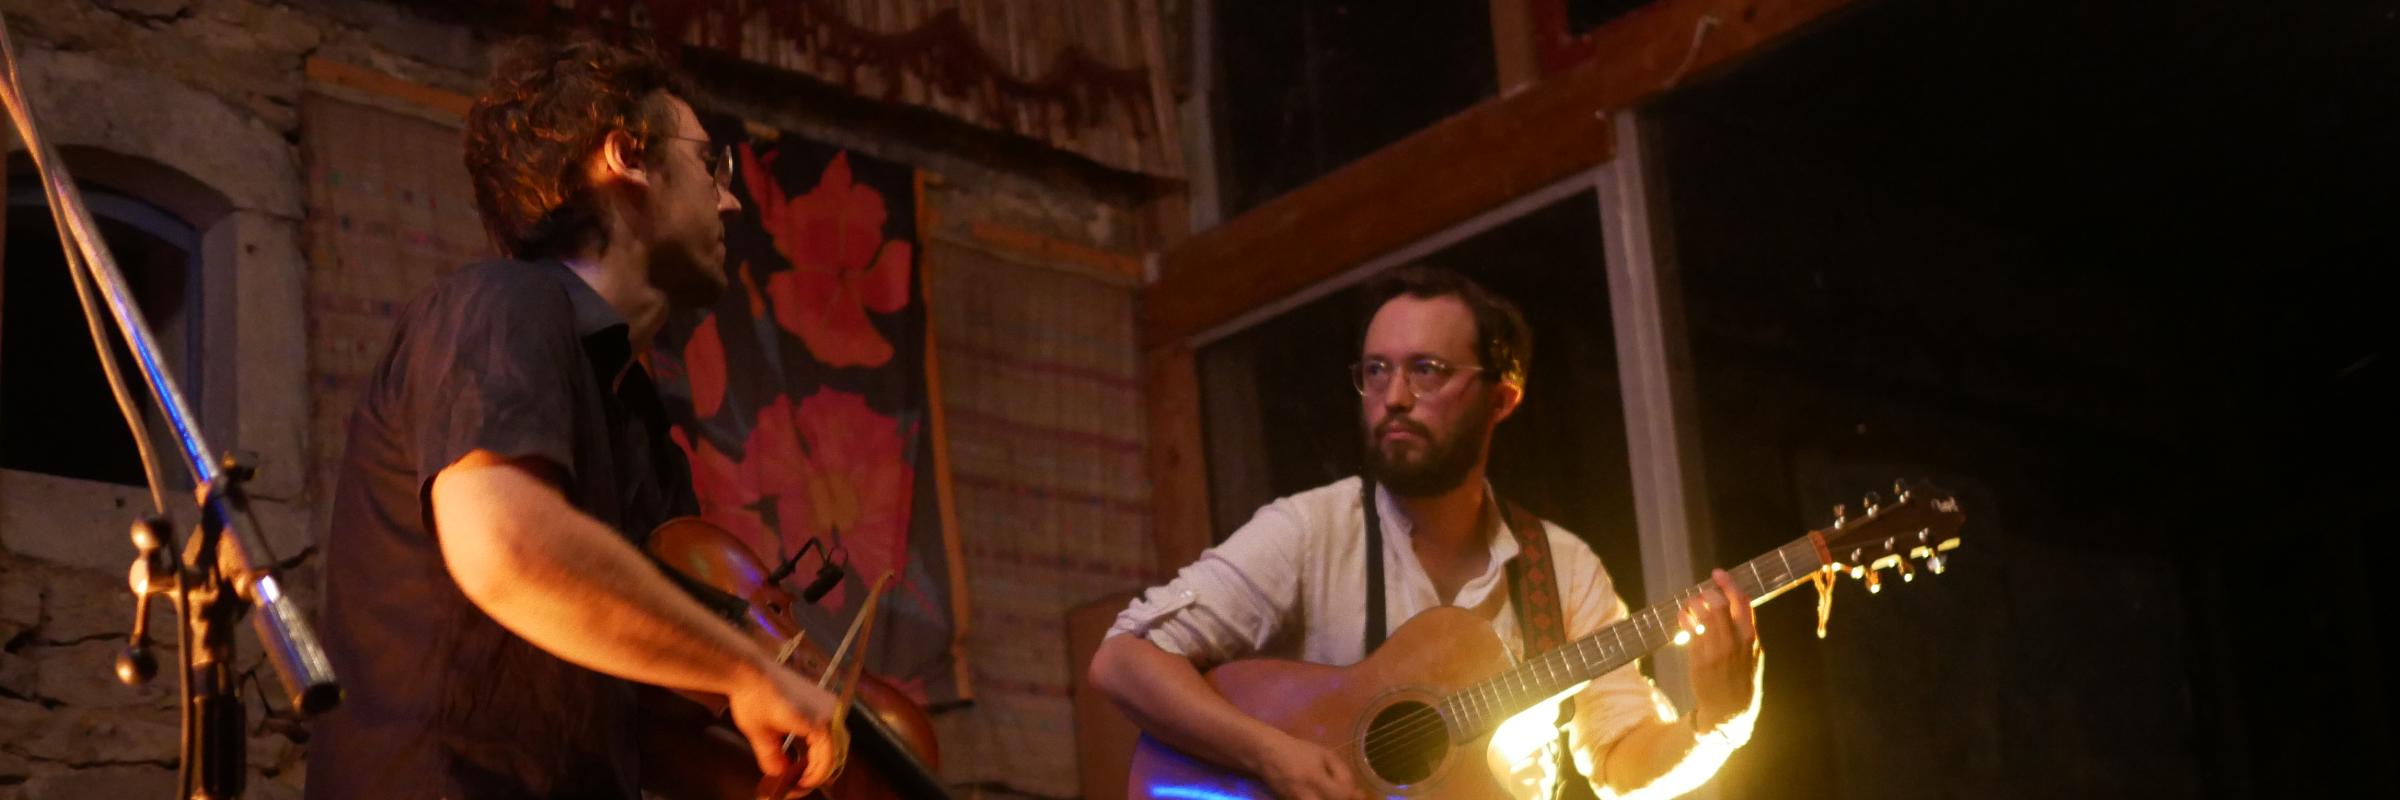 La Solive, musicien Guitariste en représentation à Bas Rhin - photo de couverture